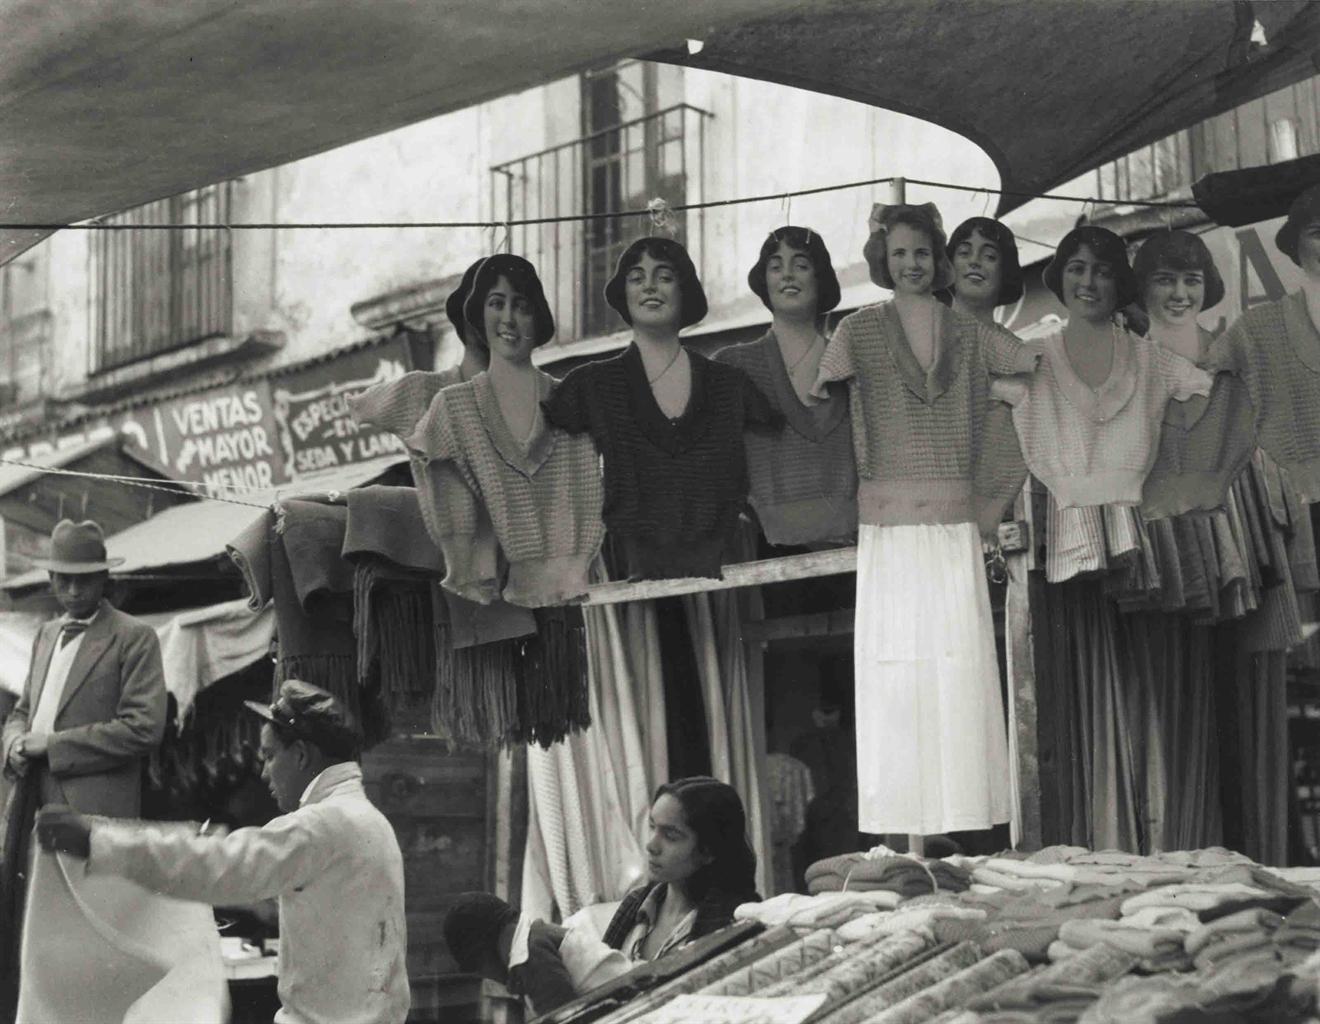 MANUEL ALVAREZ BRAVO 19022002  Maniquis Riendo 1930  1930s Photographs  Christies